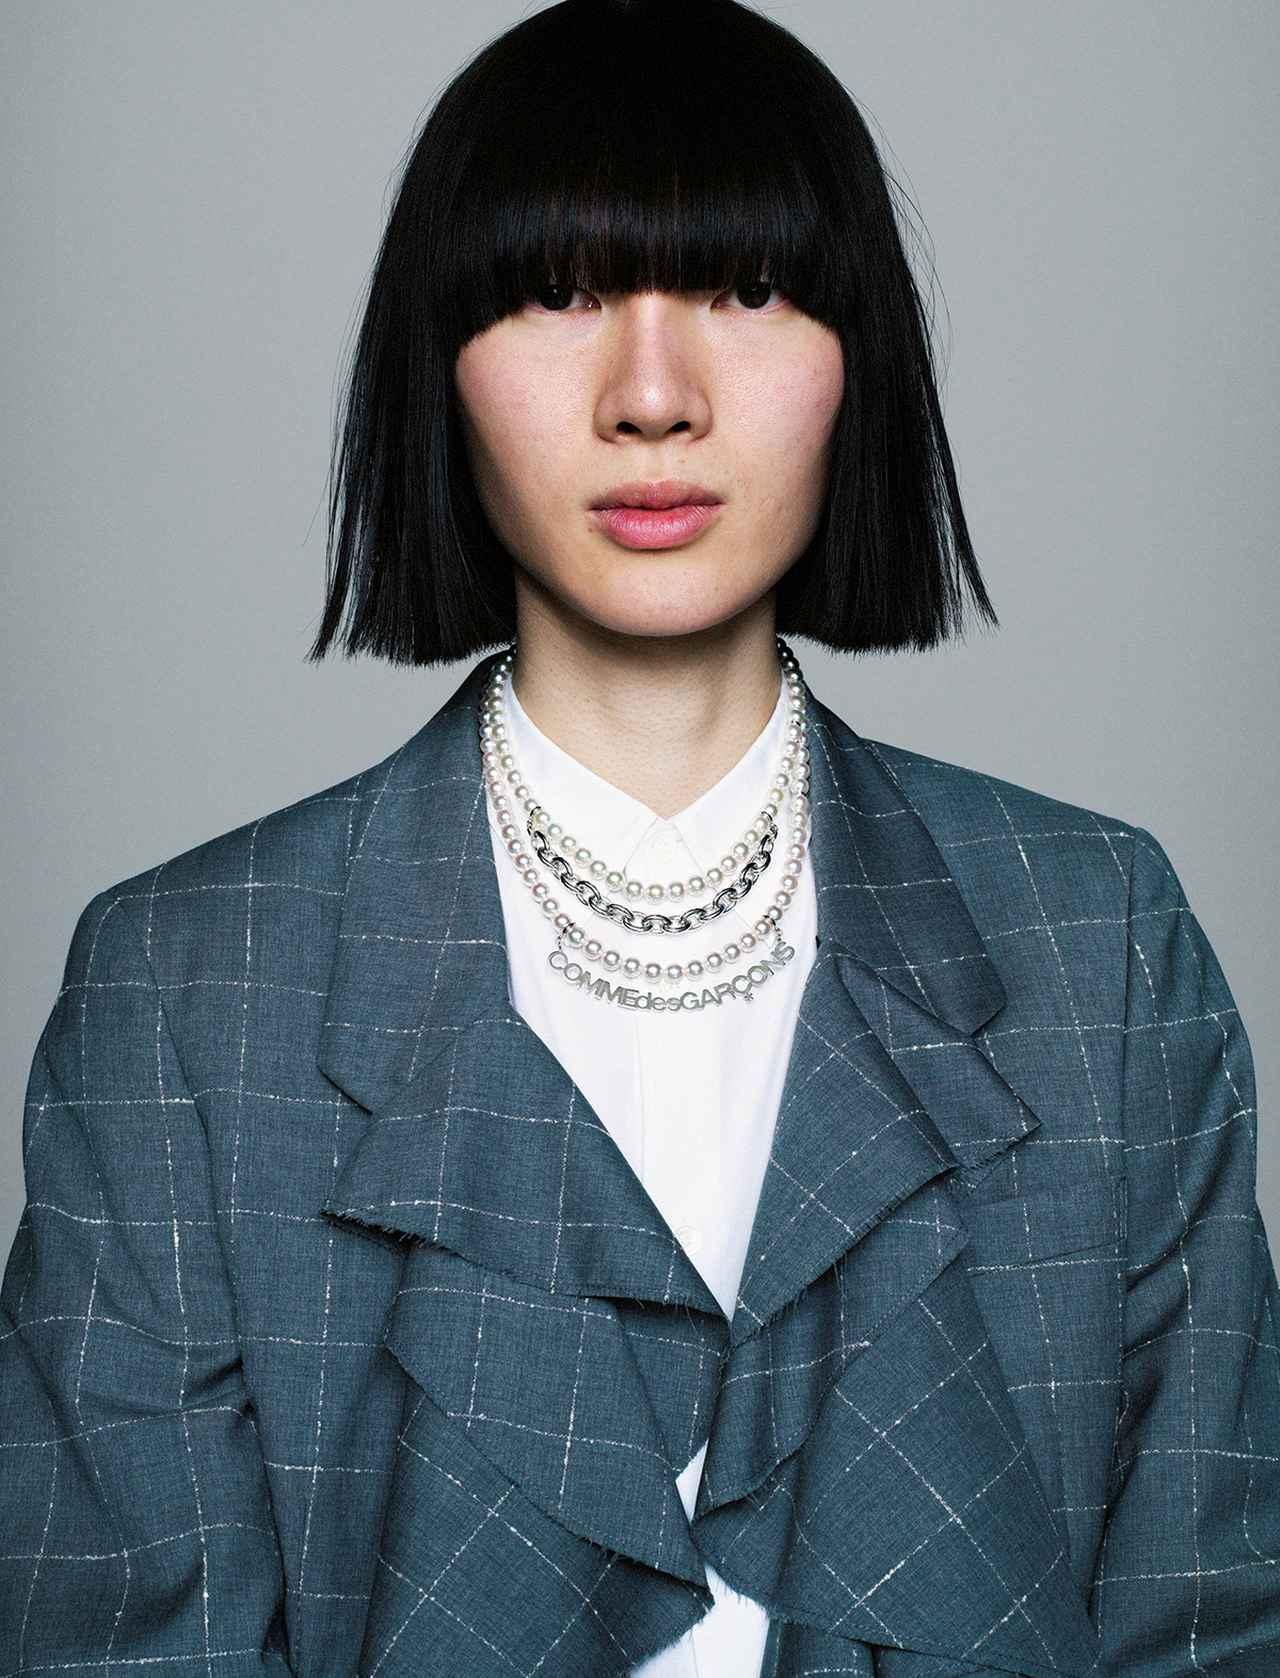 Images : 2番目の画像 - 「紳士に真珠の輝きをーー コム デ ギャルソンとミキモトが 提示する新たな価値観」のアルバム - T JAPAN:The New York Times Style Magazine 公式サイト